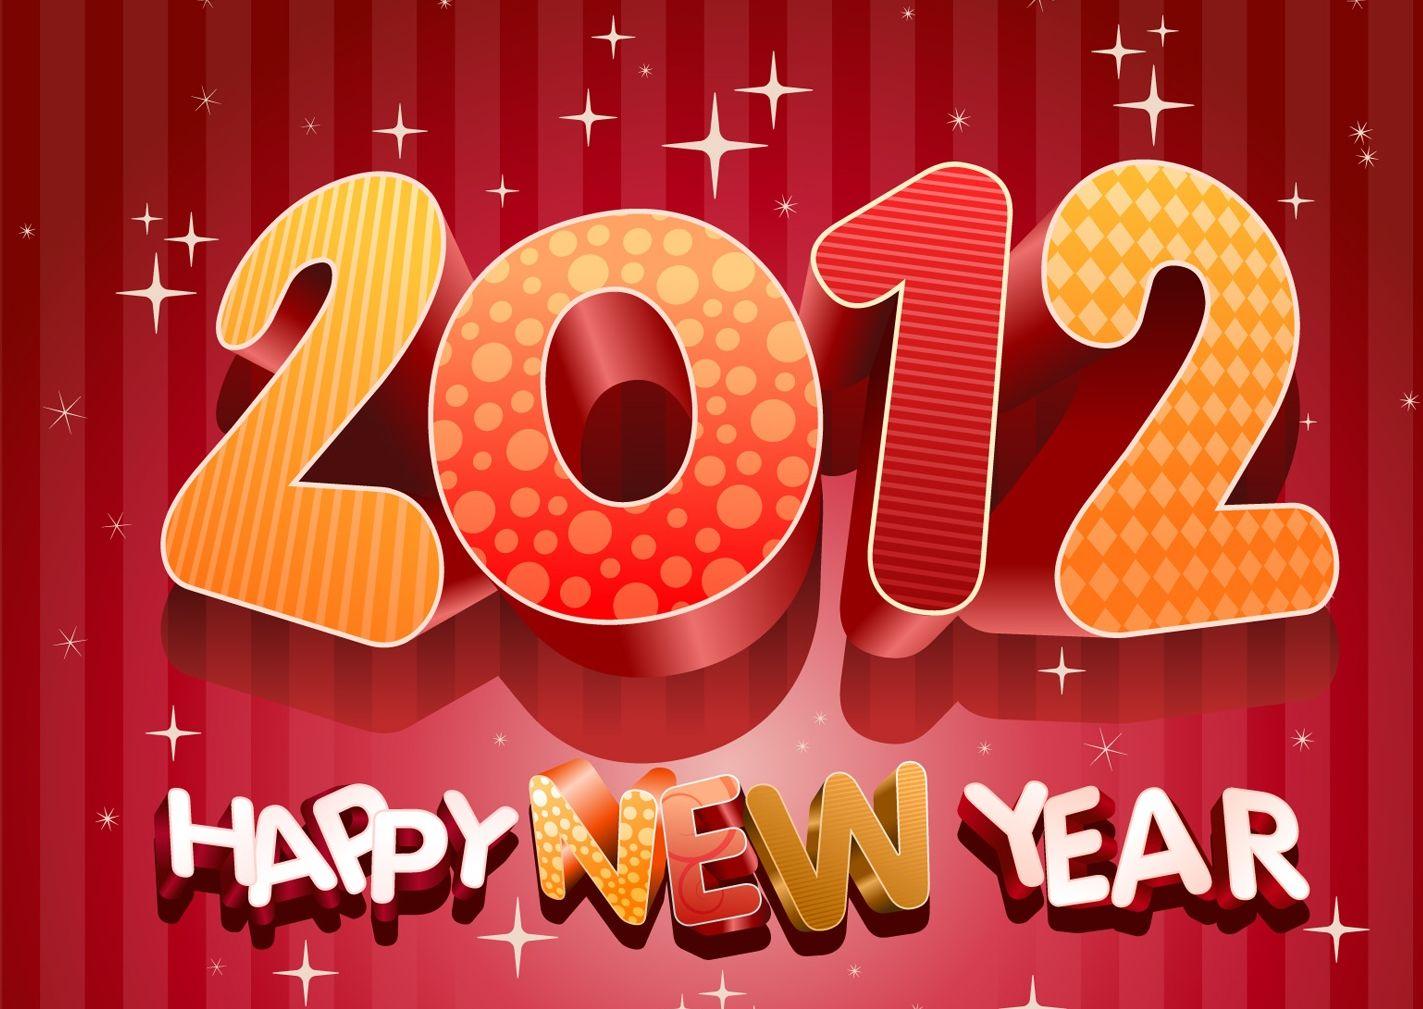 Cartes de VOEUX 2012 bonne année 2012 - Jaime Je Partage